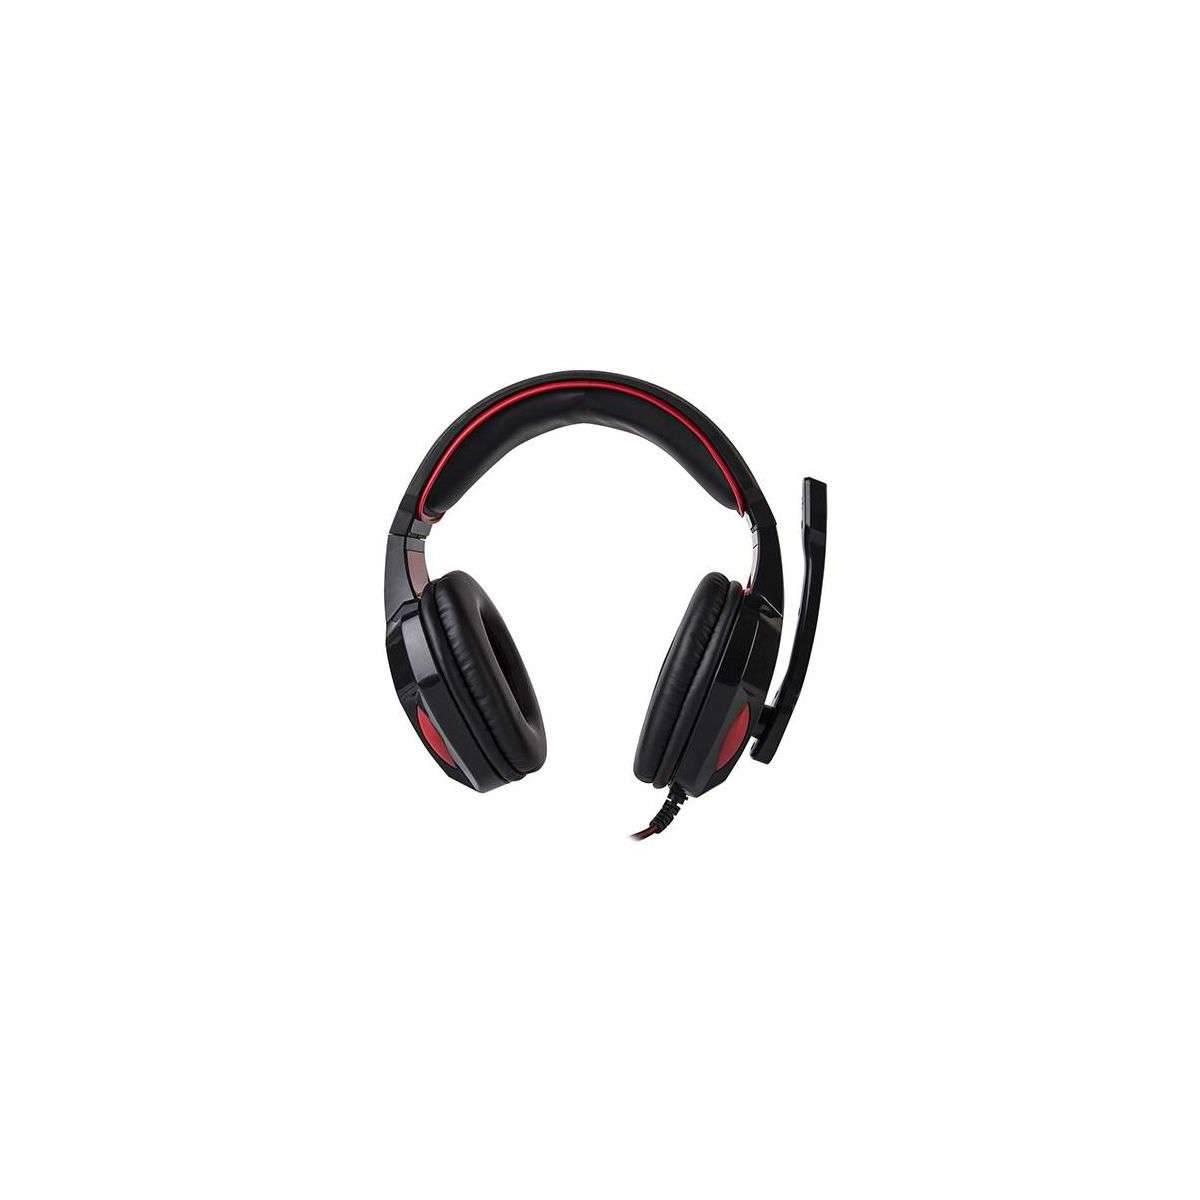 Scorpion HG8802 Gaming Headset svart og rødt med mic